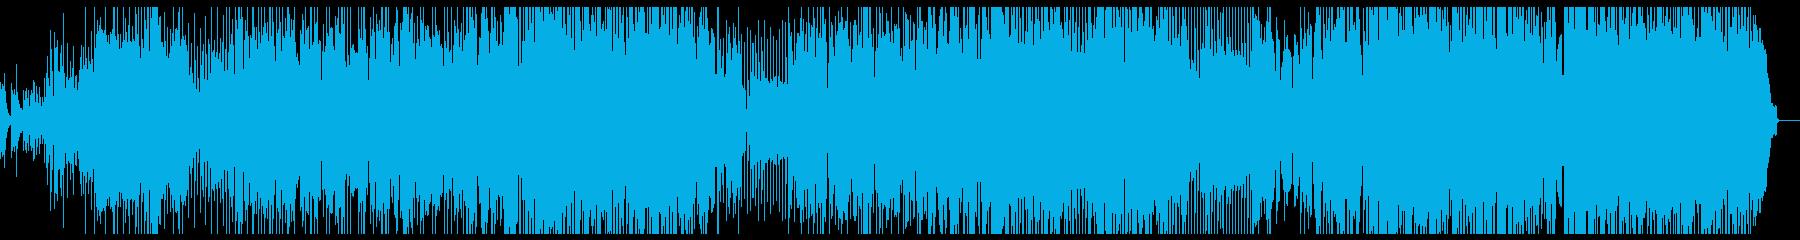 チェロ 爽やかなポップスの再生済みの波形